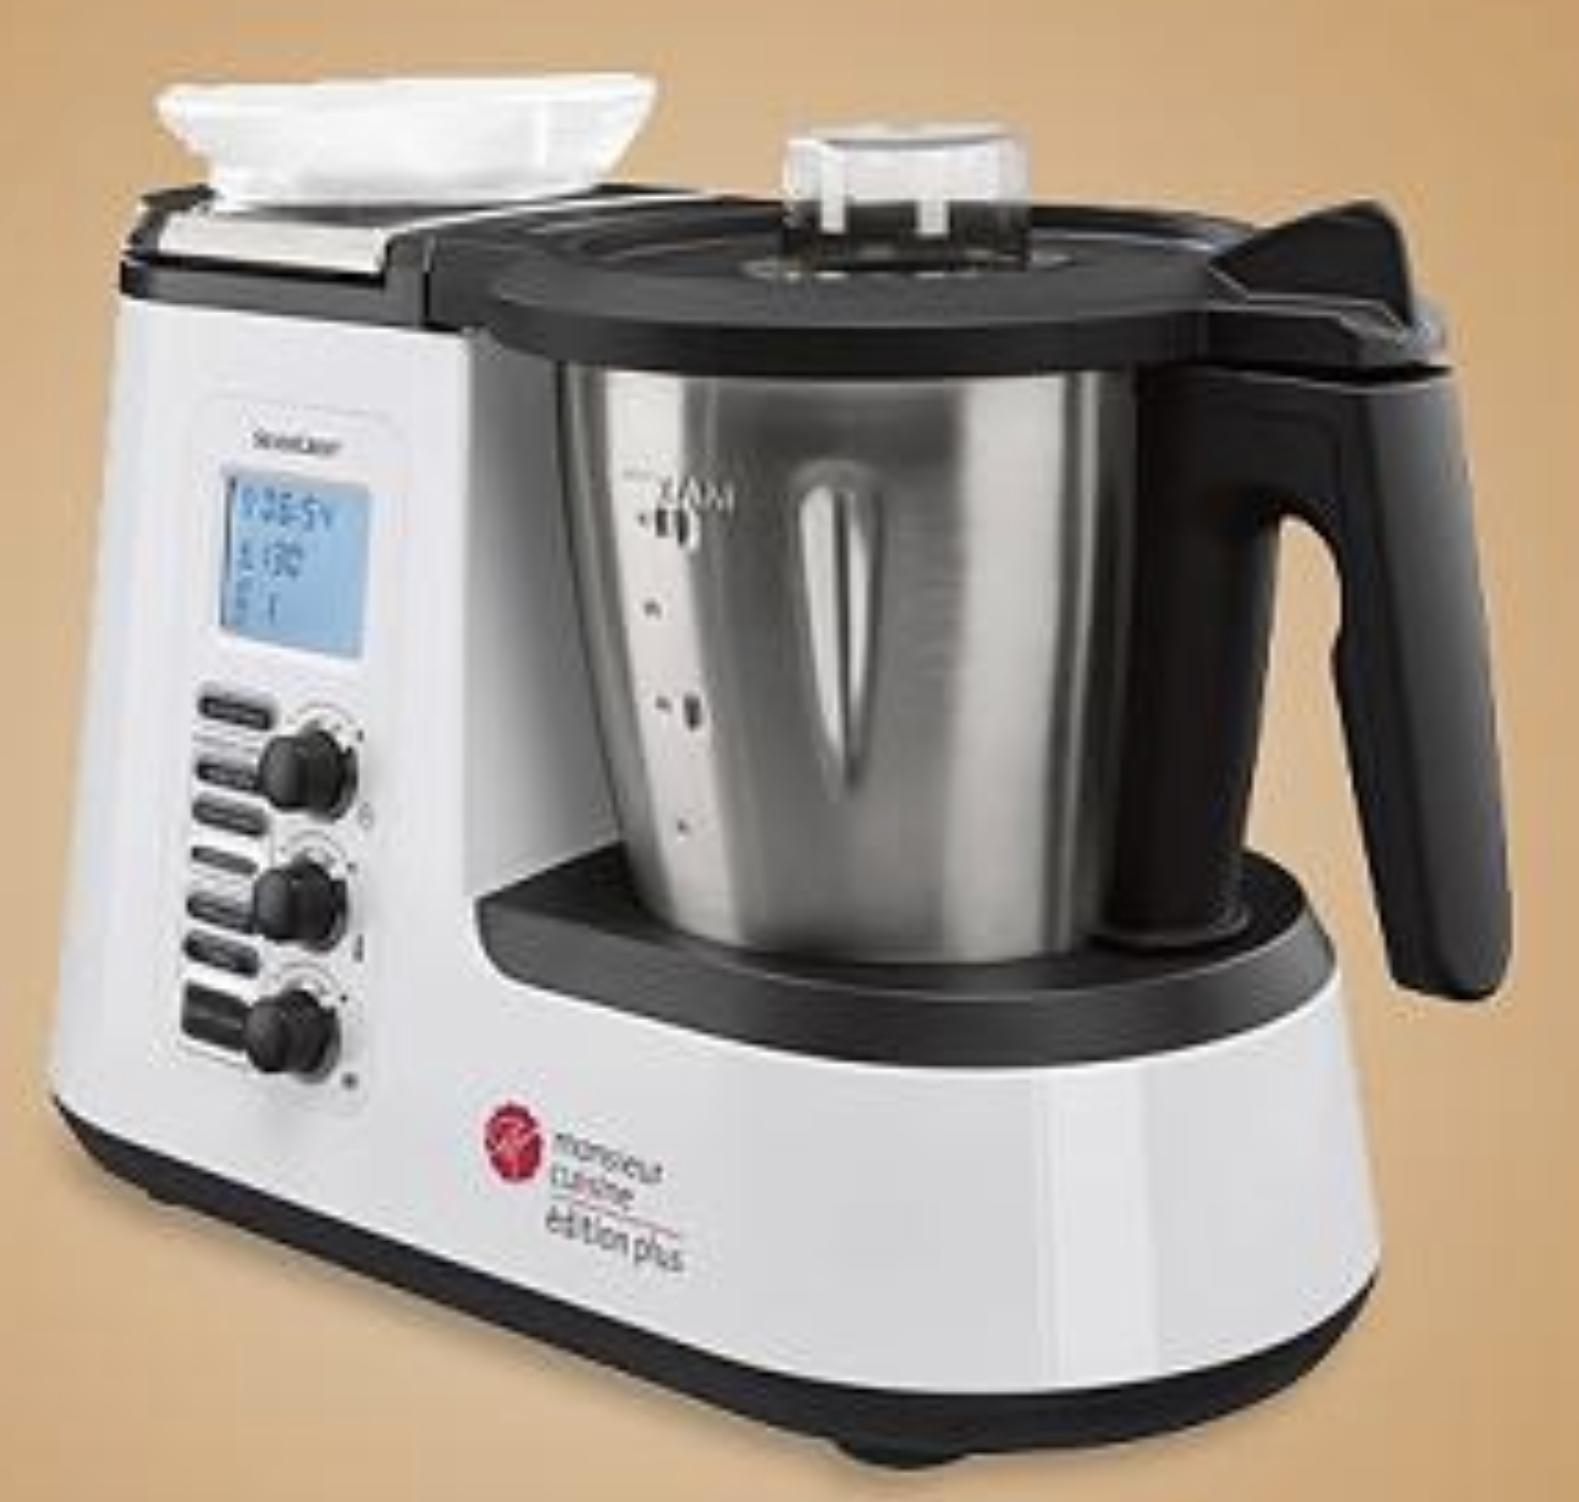 Lidl Küchenmaschine Monsieur Cuisine Édition Plus SKMK 1200 C3 für 149€ inkl. Versandkosten